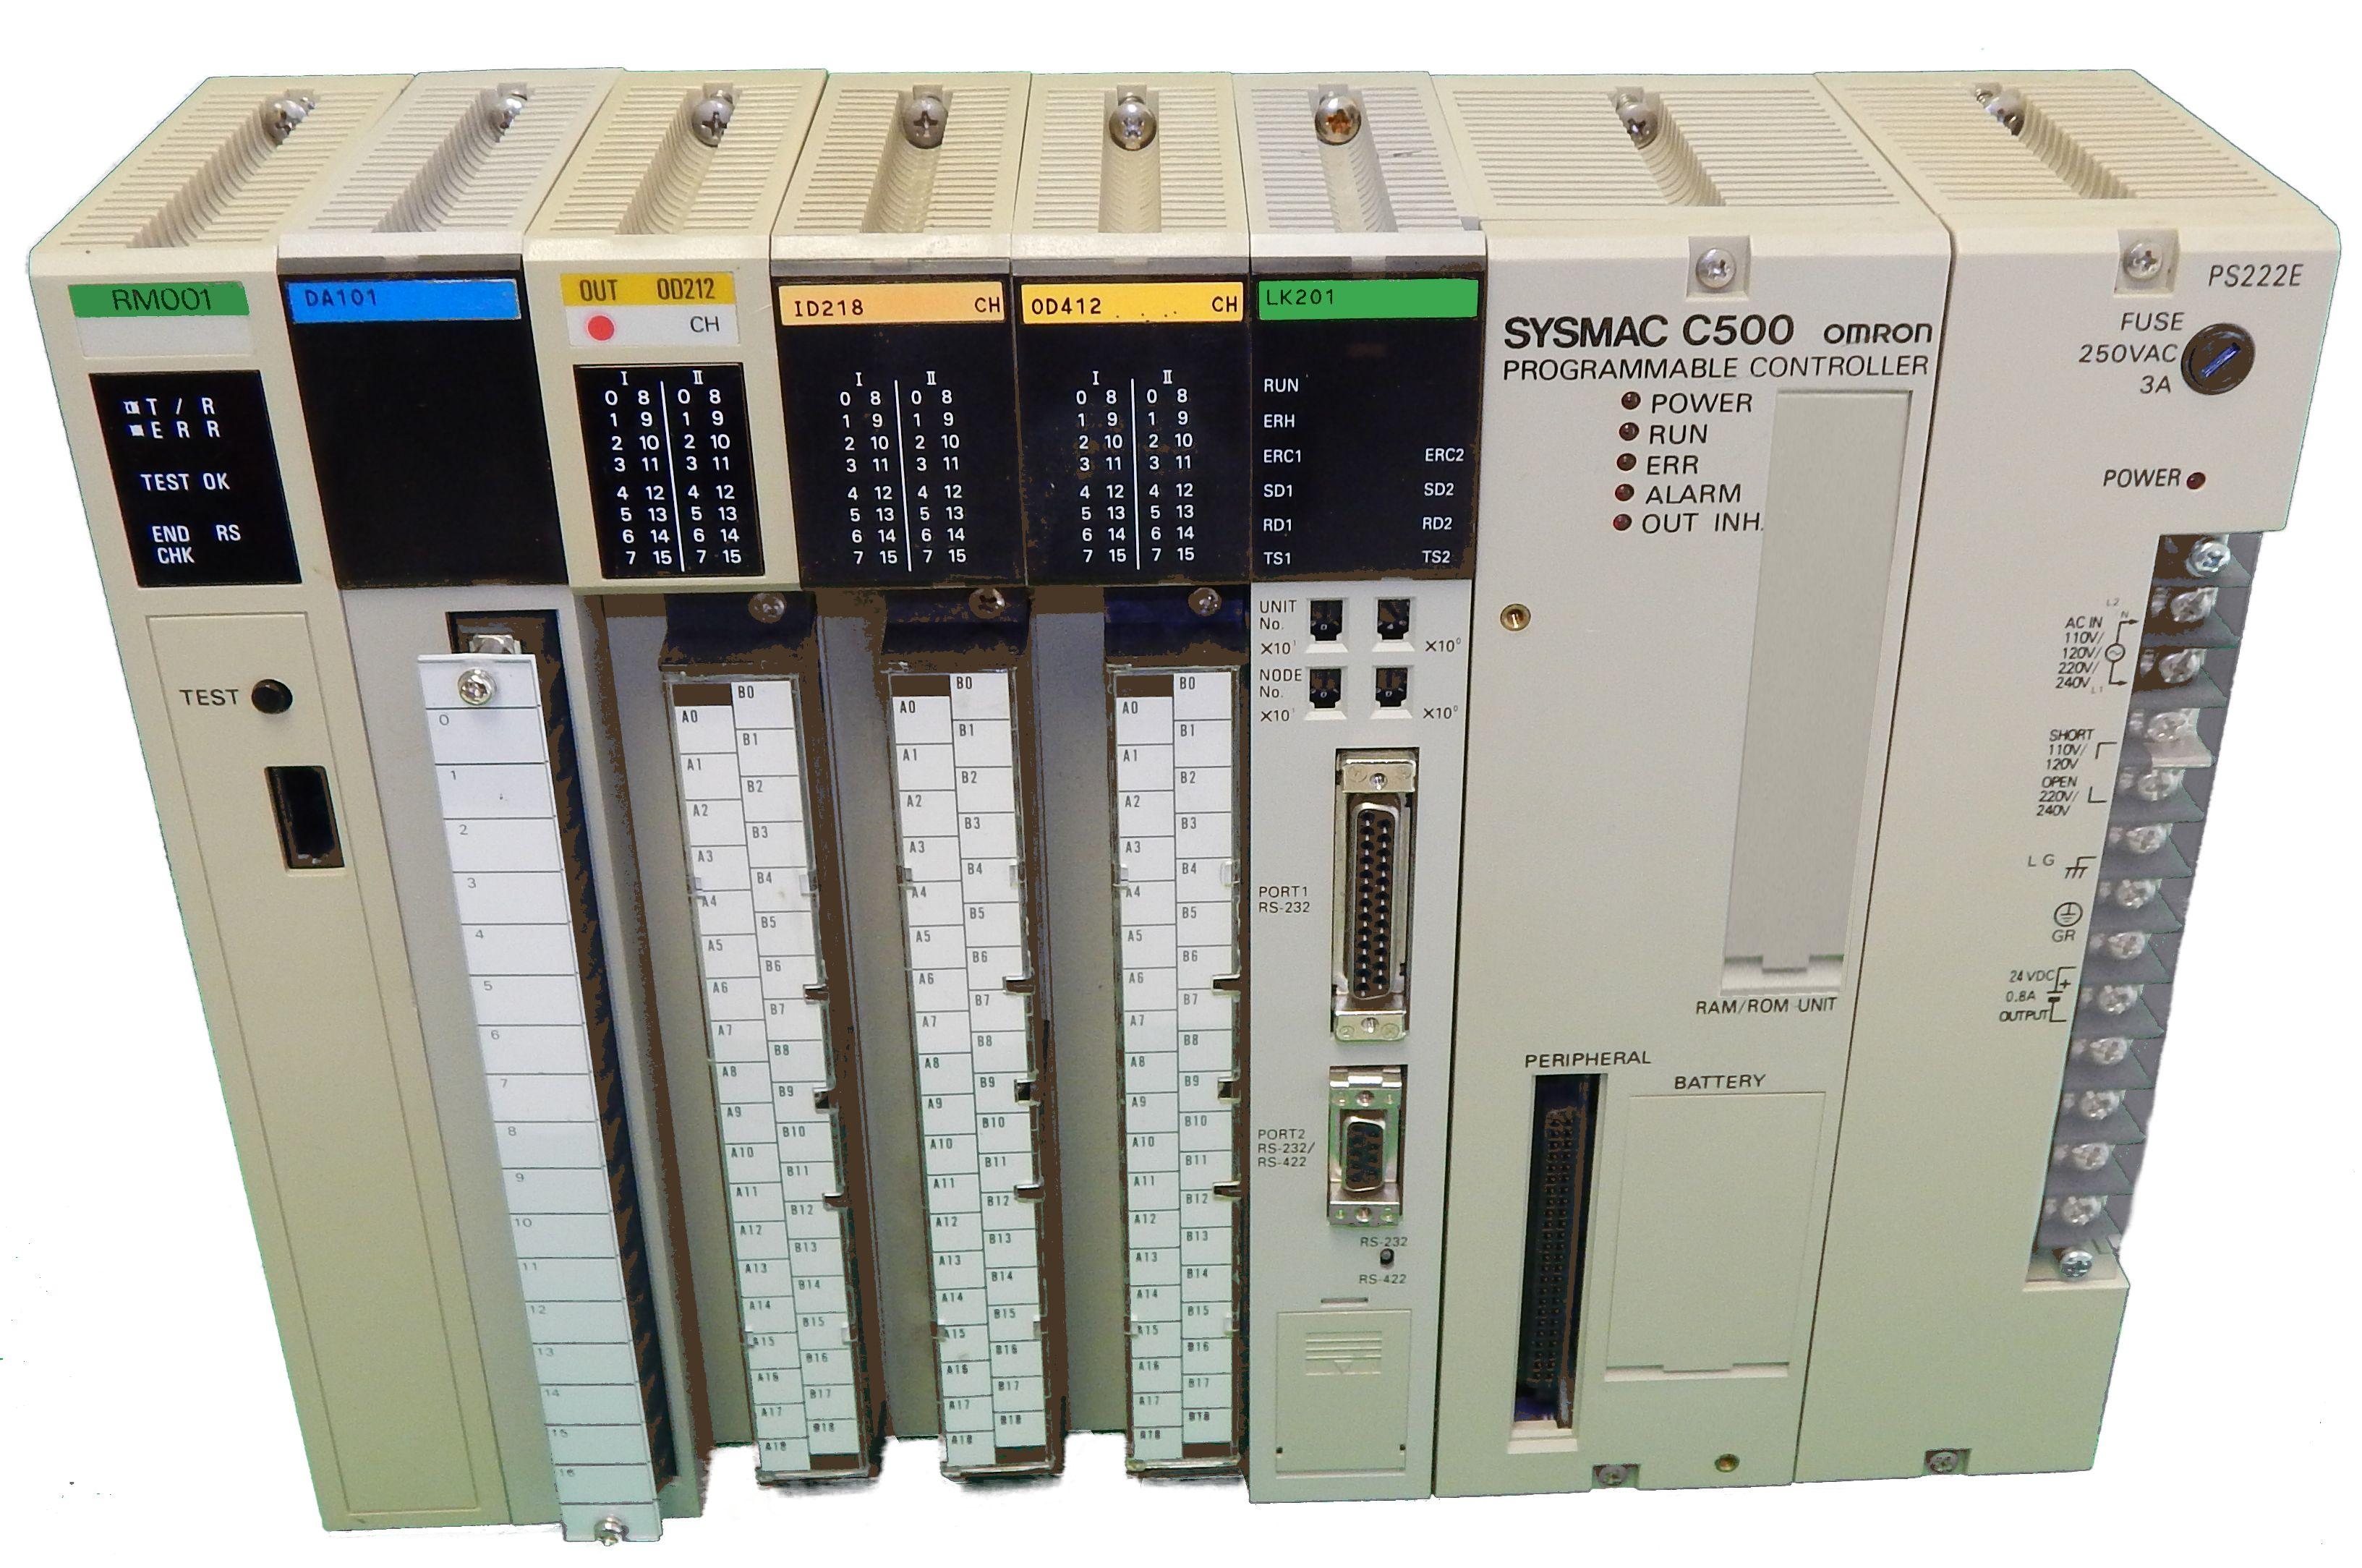 3G2A5-PS223-E